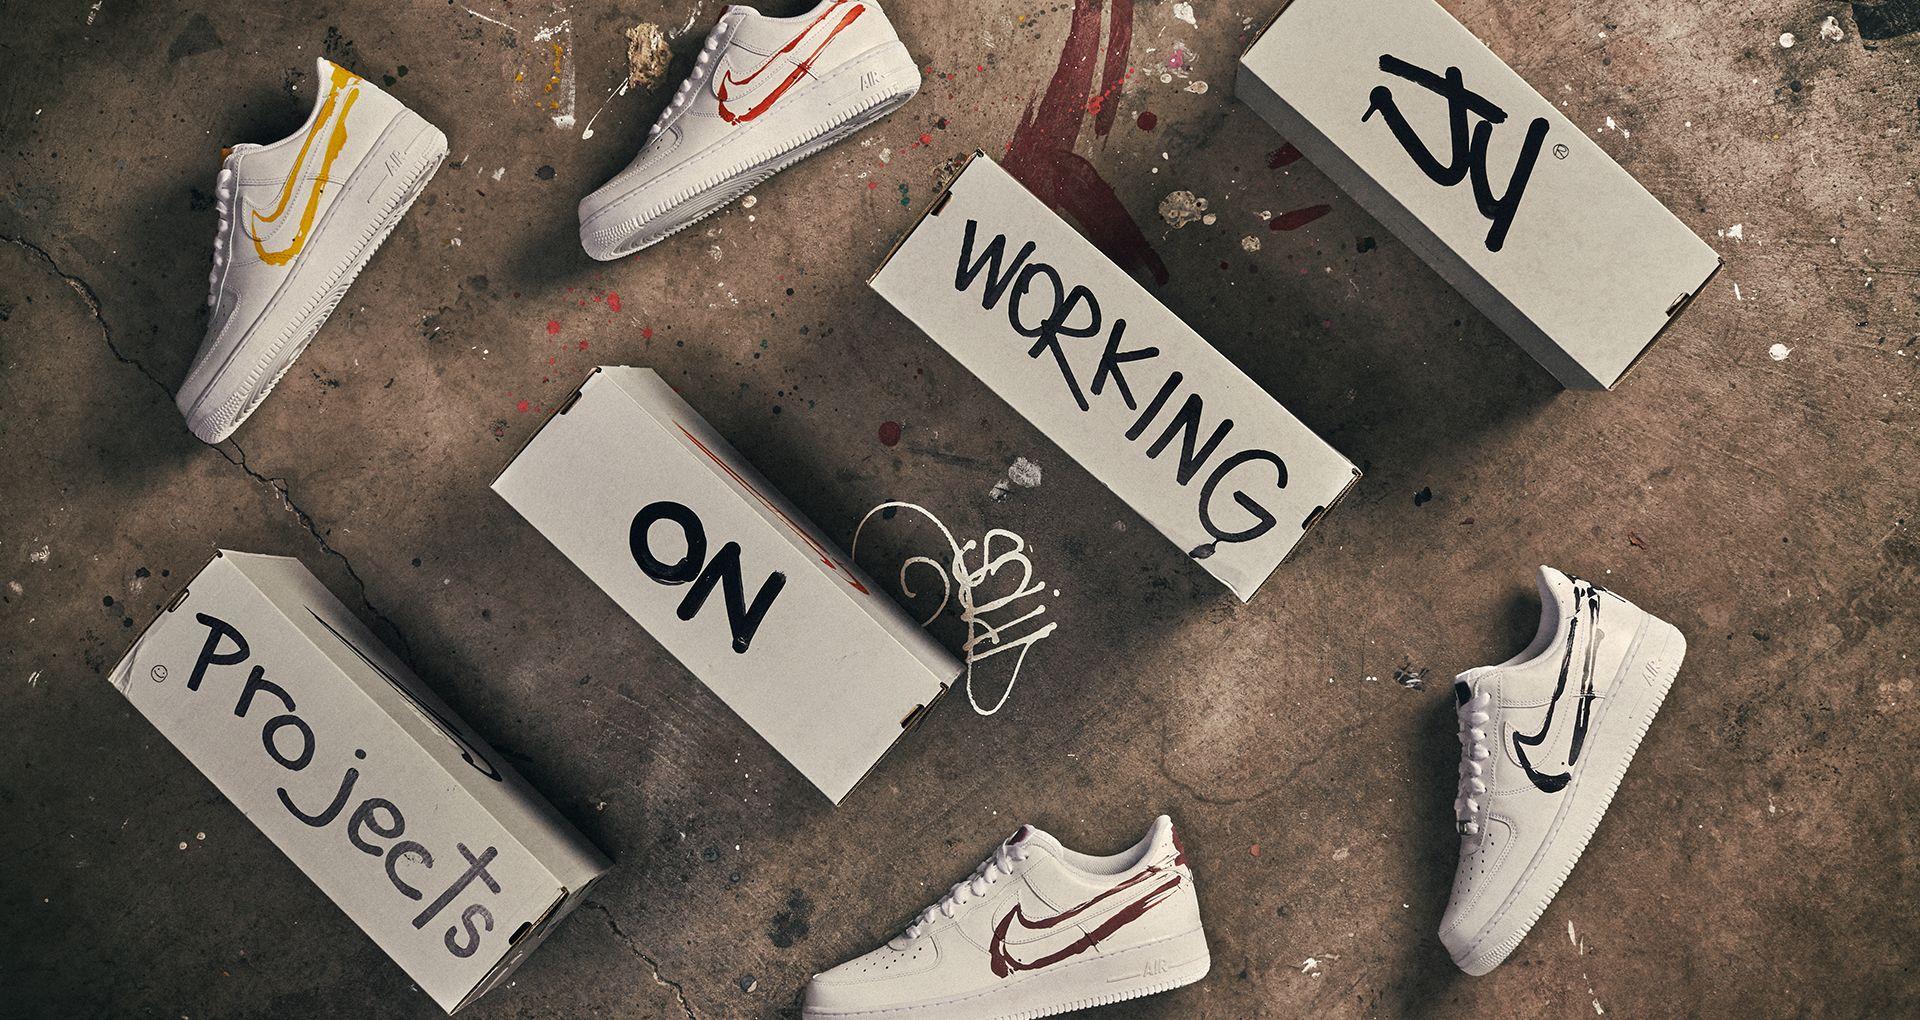 Art ProjectsNike of Working BE SNEAKRS SNEAKRSJu on dreCoxB